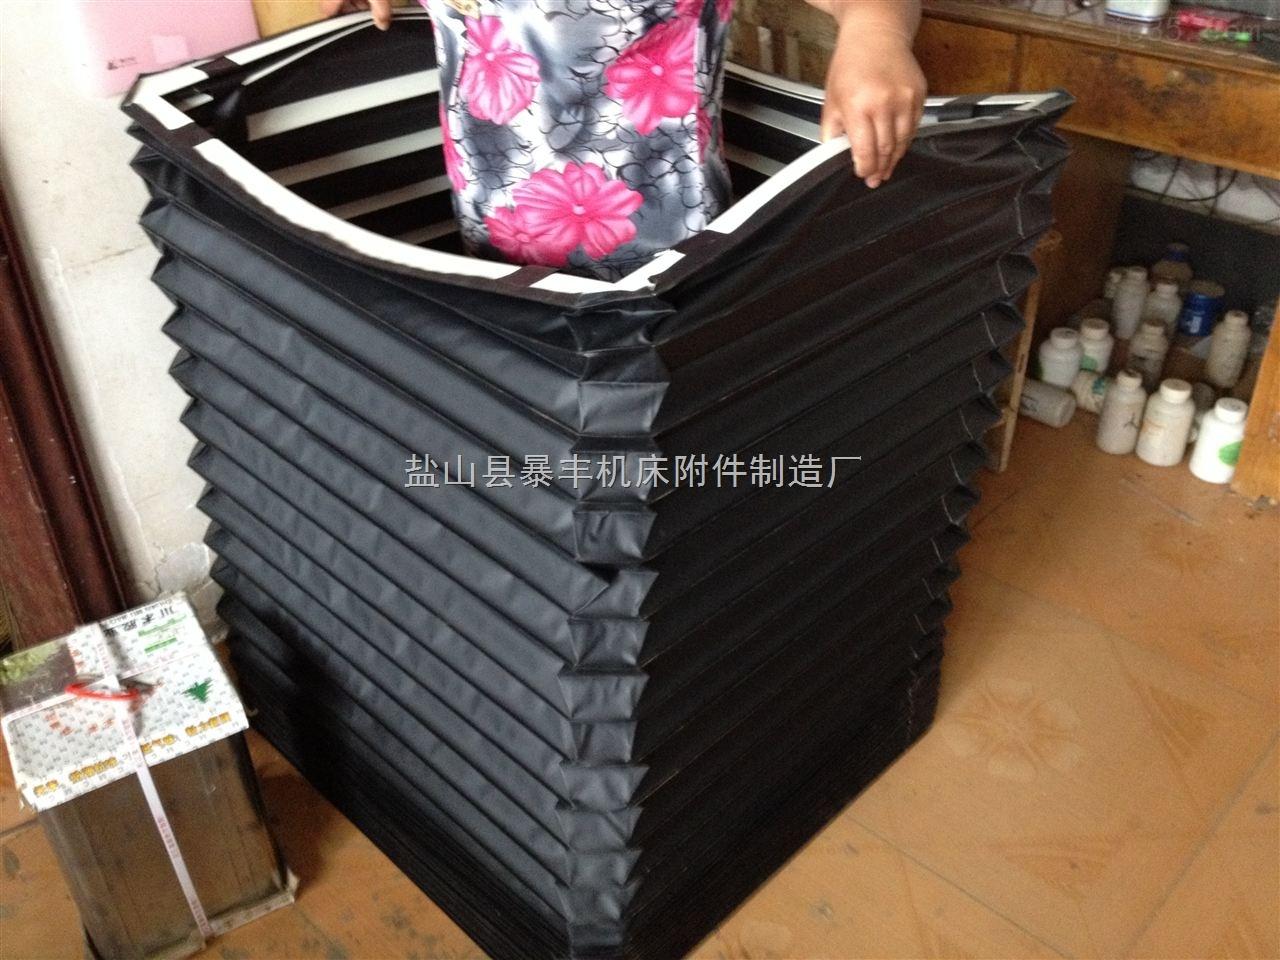 升降舞台专用防尘罩生产厂家,定做升降机防护罩